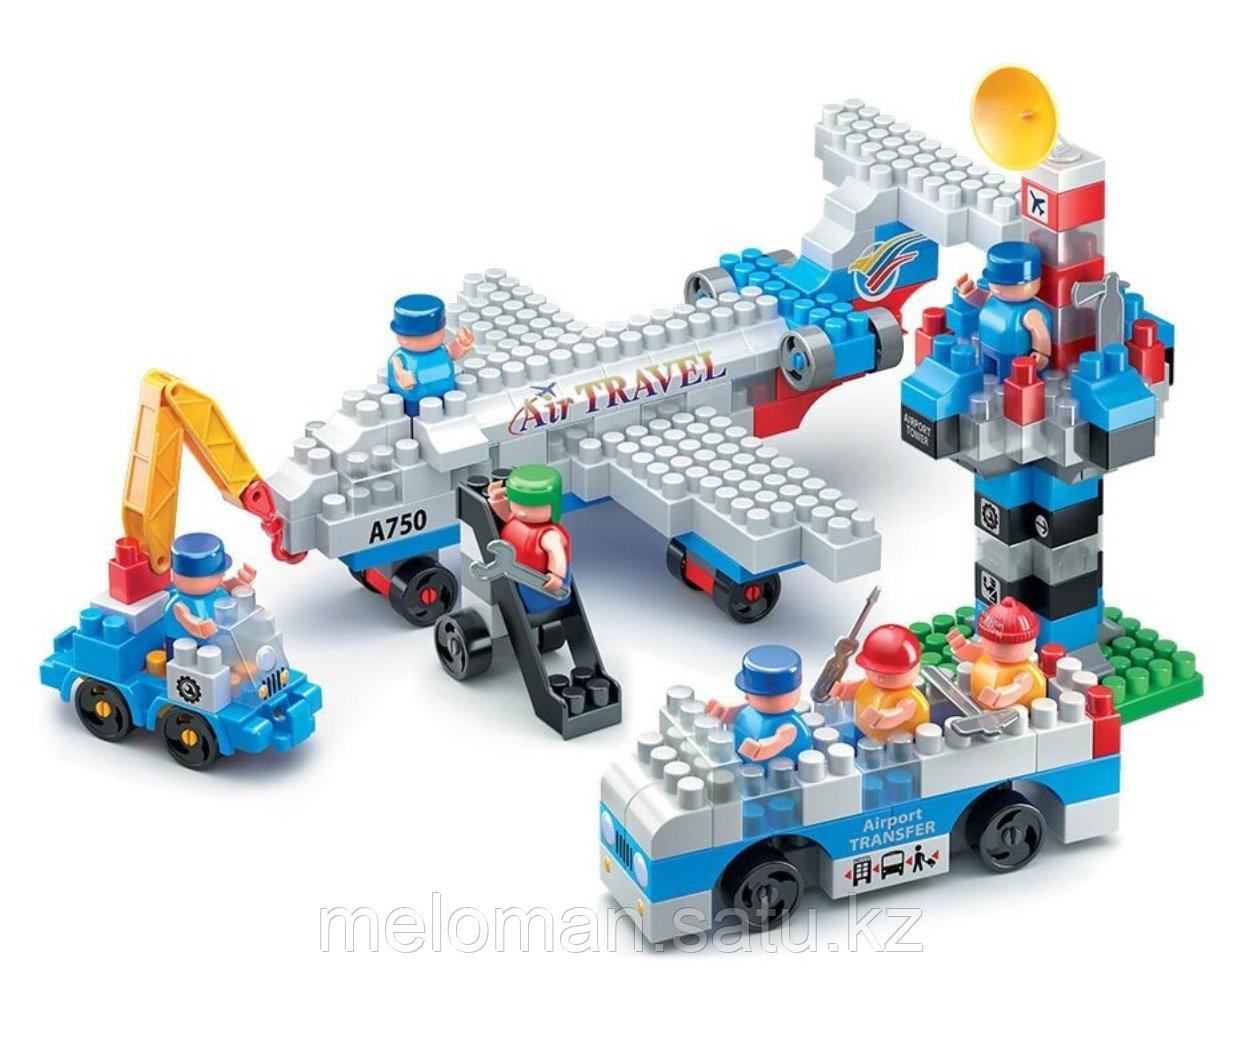 Bauer: Конструктор набор пассажирский лайнер, автобус, сервисный автомобиль и КДП - фото 4